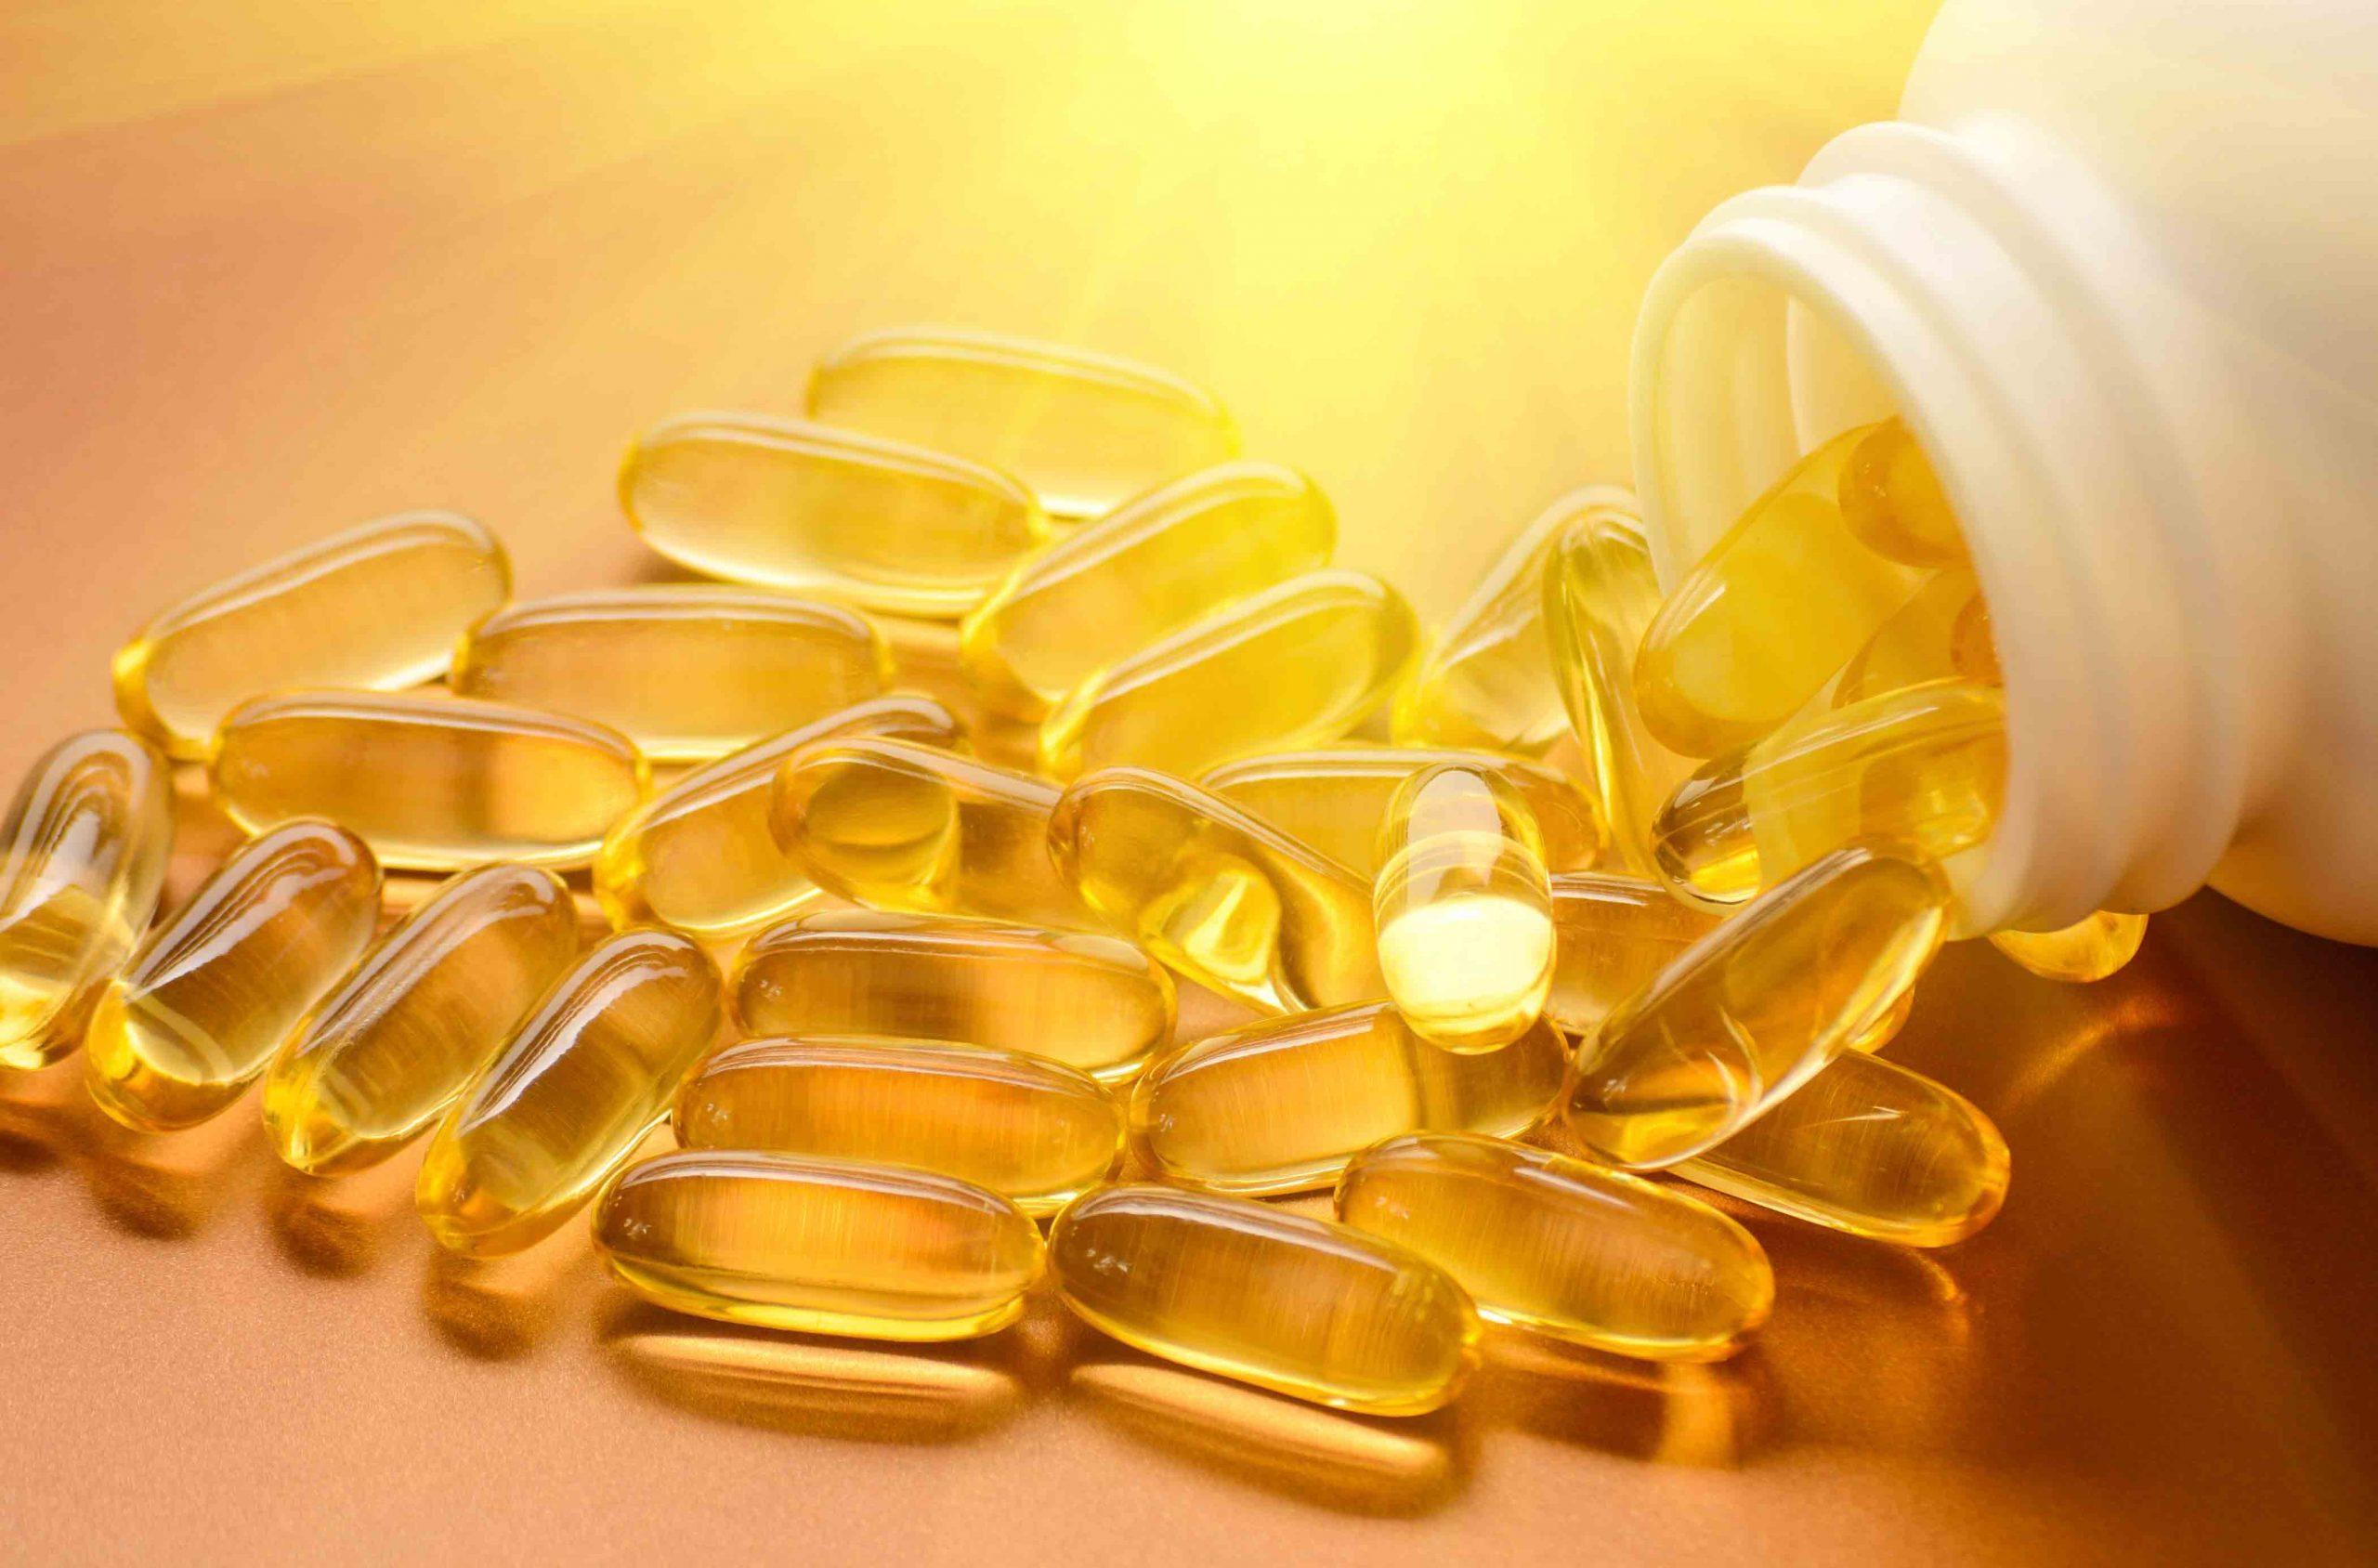 ویتامین دی برای کودکان | مرکز خدمات پرستاری پارسیان مهرپرور